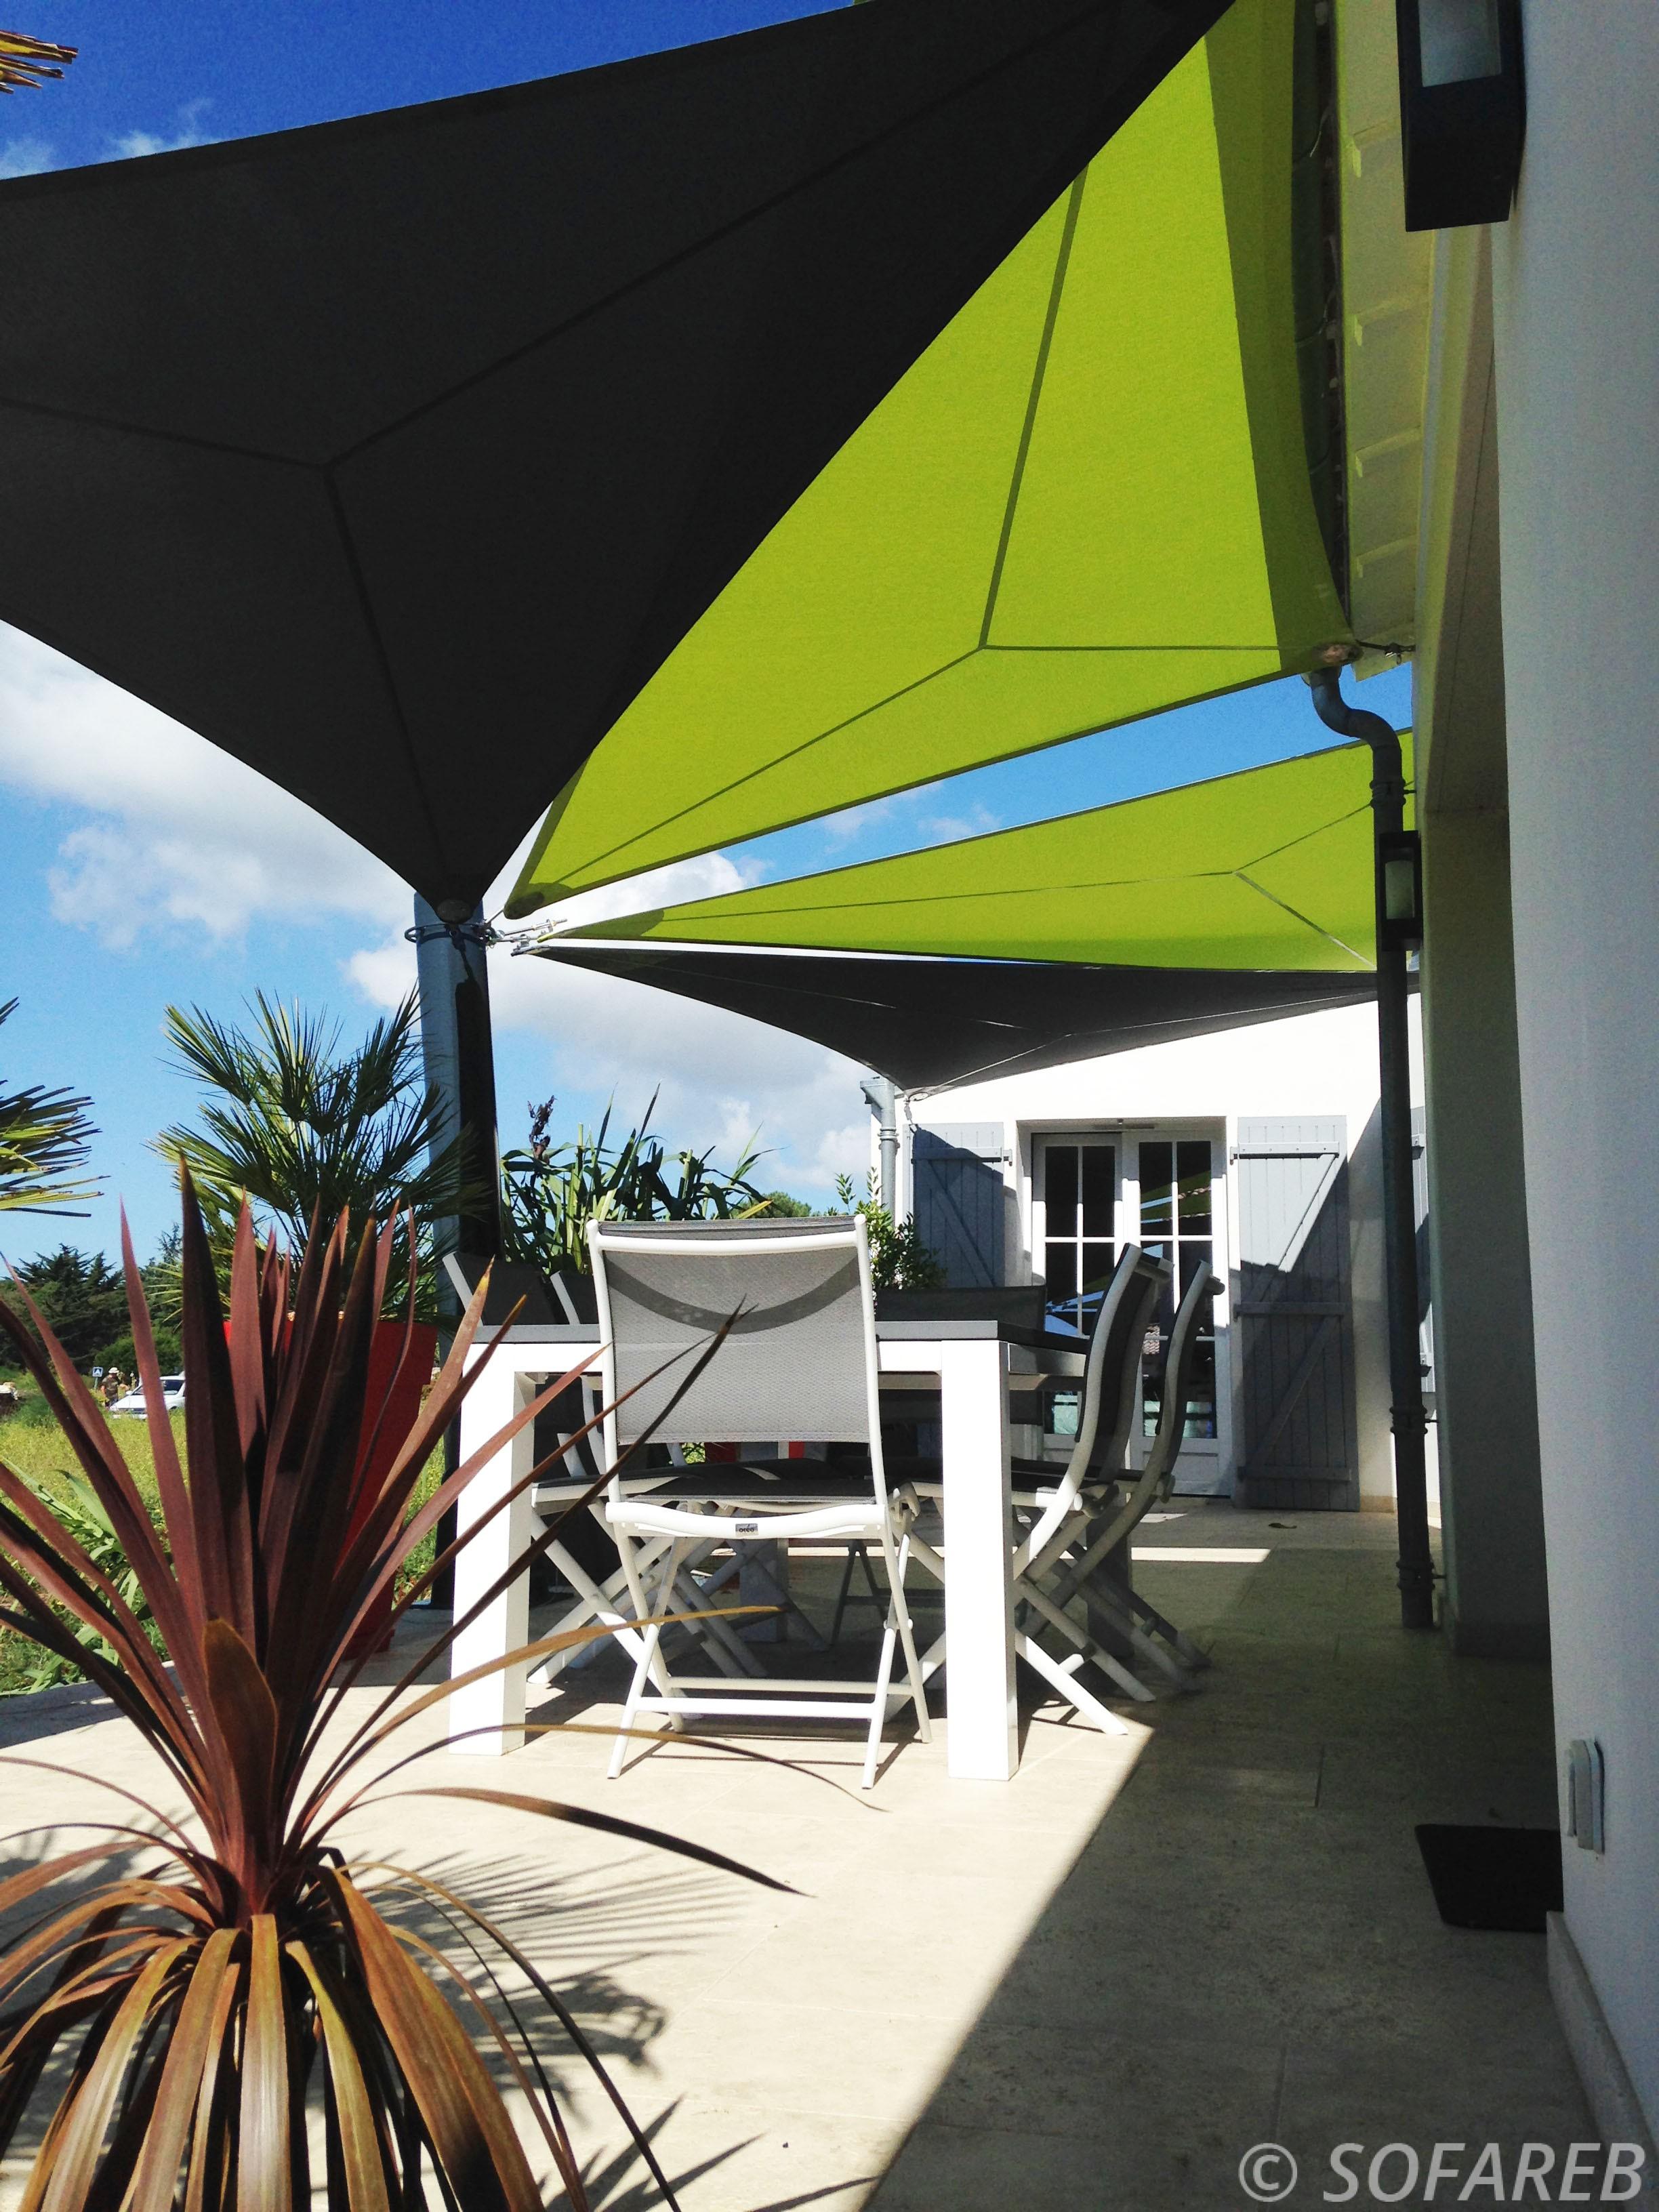 Voiles dombrage vues du dessous, fabriquées et installées par Sofareb dans le jardin dune maison à lile de ré 17